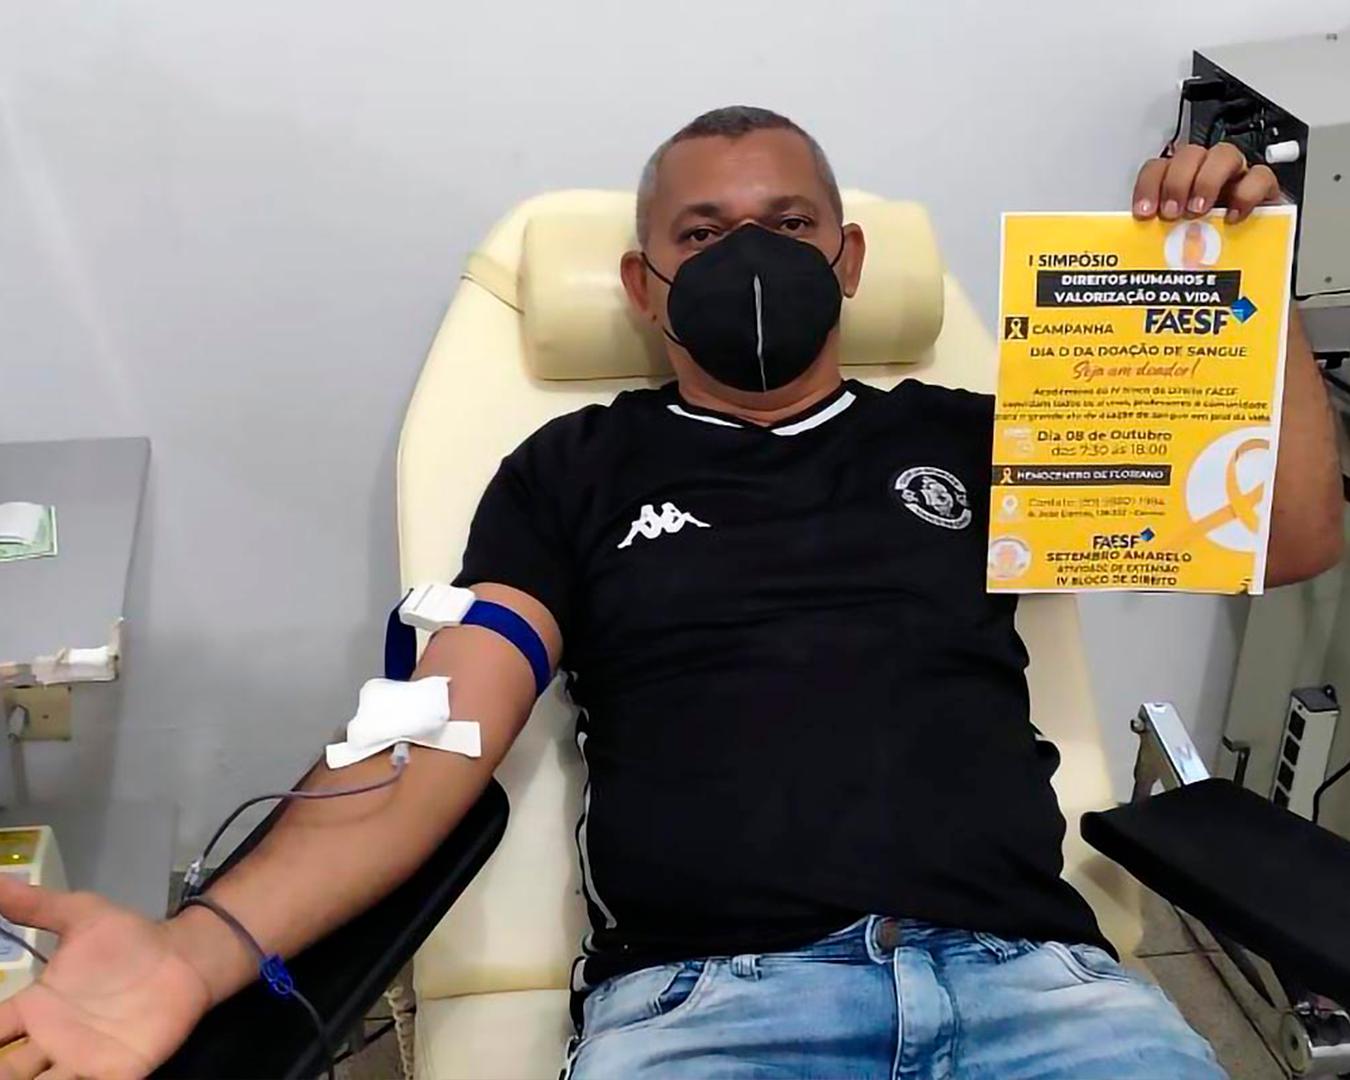 Dia D da campanha de doação de sangue em prol da vida